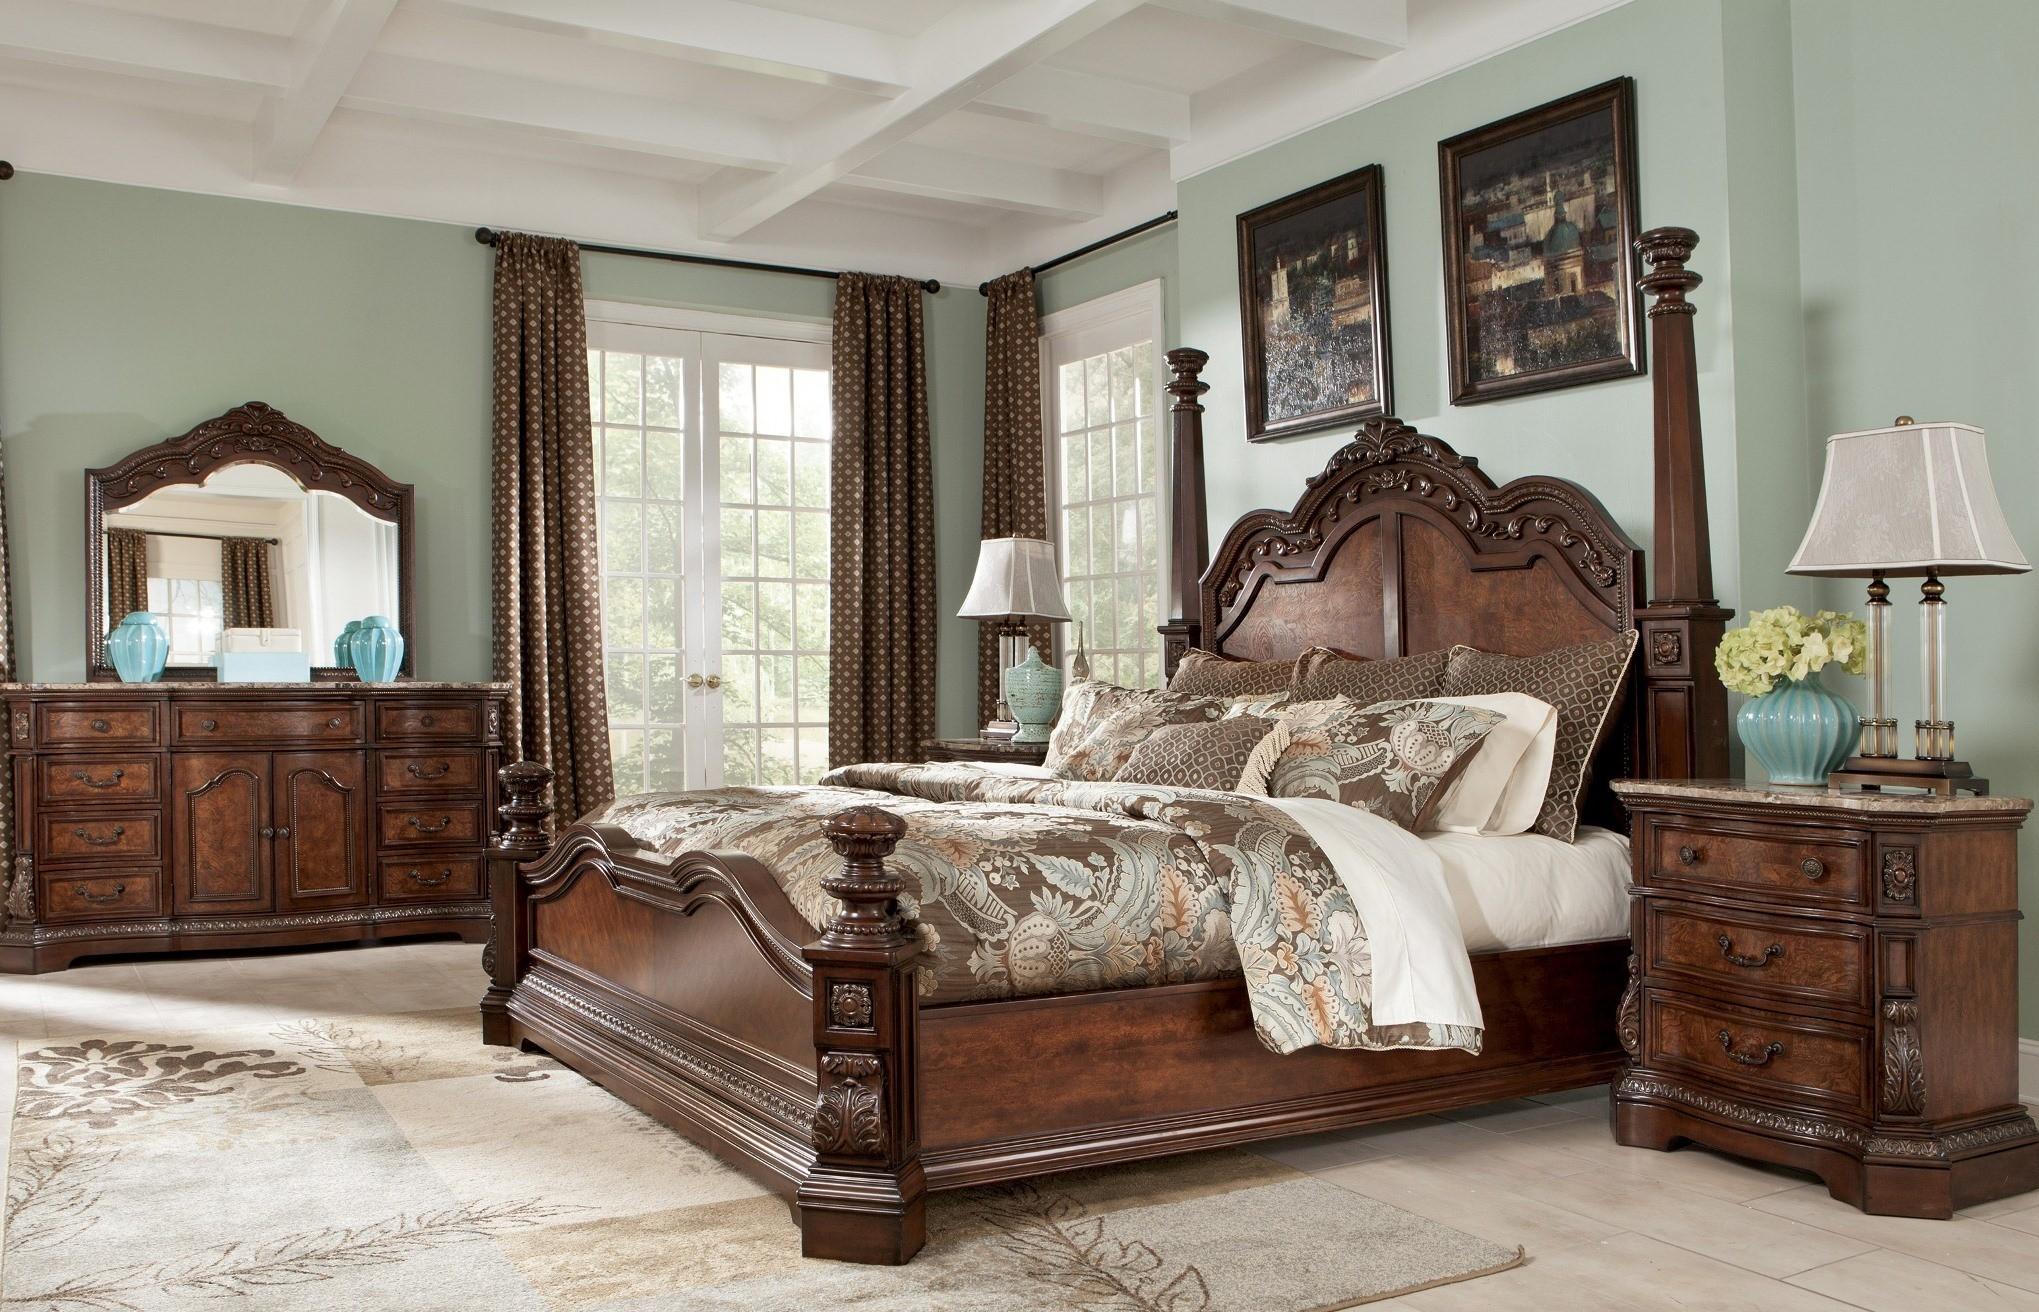 Ledelle Poster Bedroom Set From Ashley B705 51 71 98 Coleman Furniture